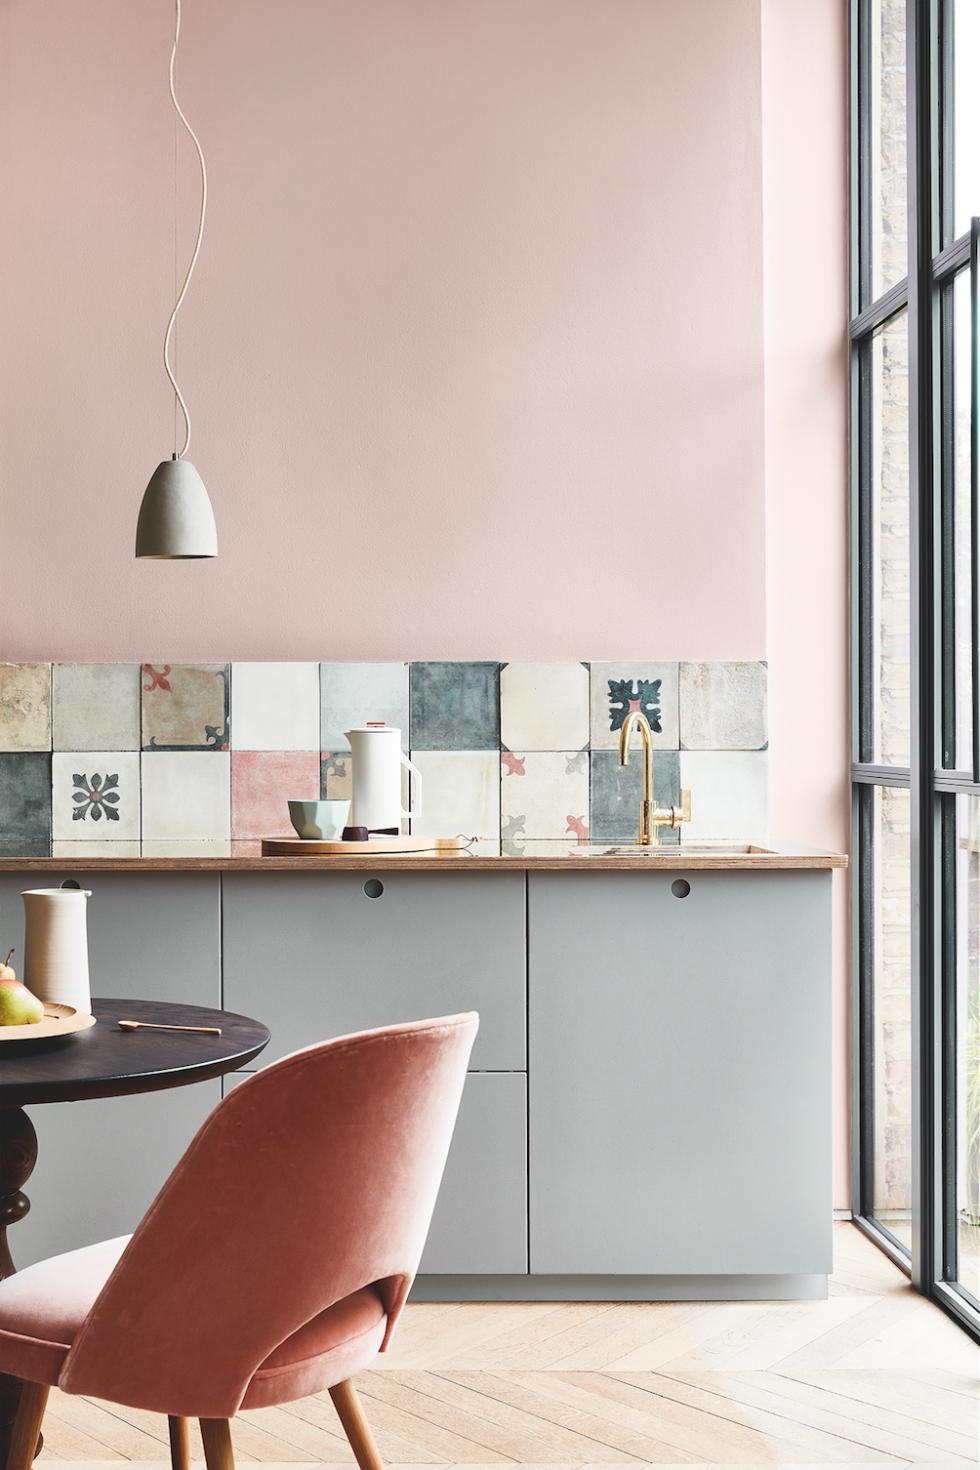 Pin de Sarah Leontovitsch en For the Home | Pinterest | Cocinas ...